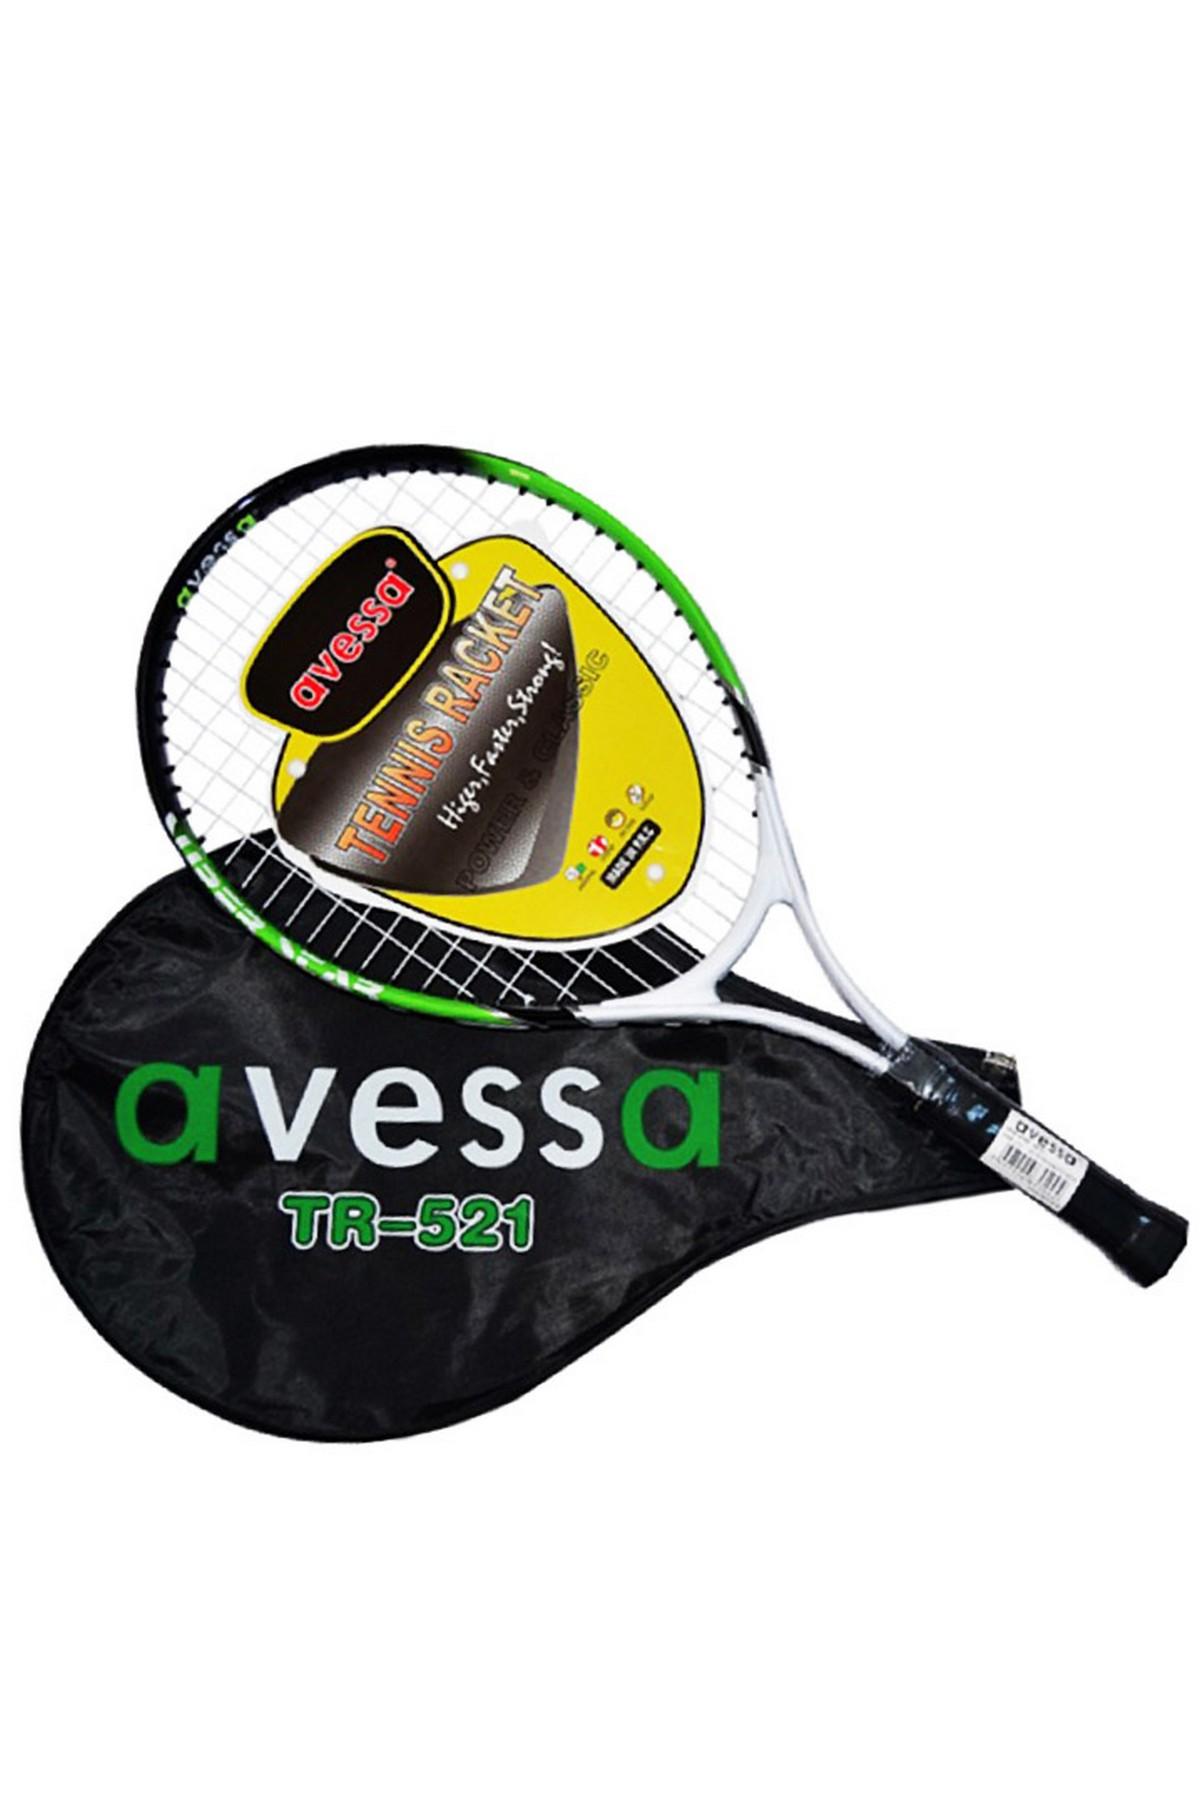 Avessa TR-521 - Tenis Raketi